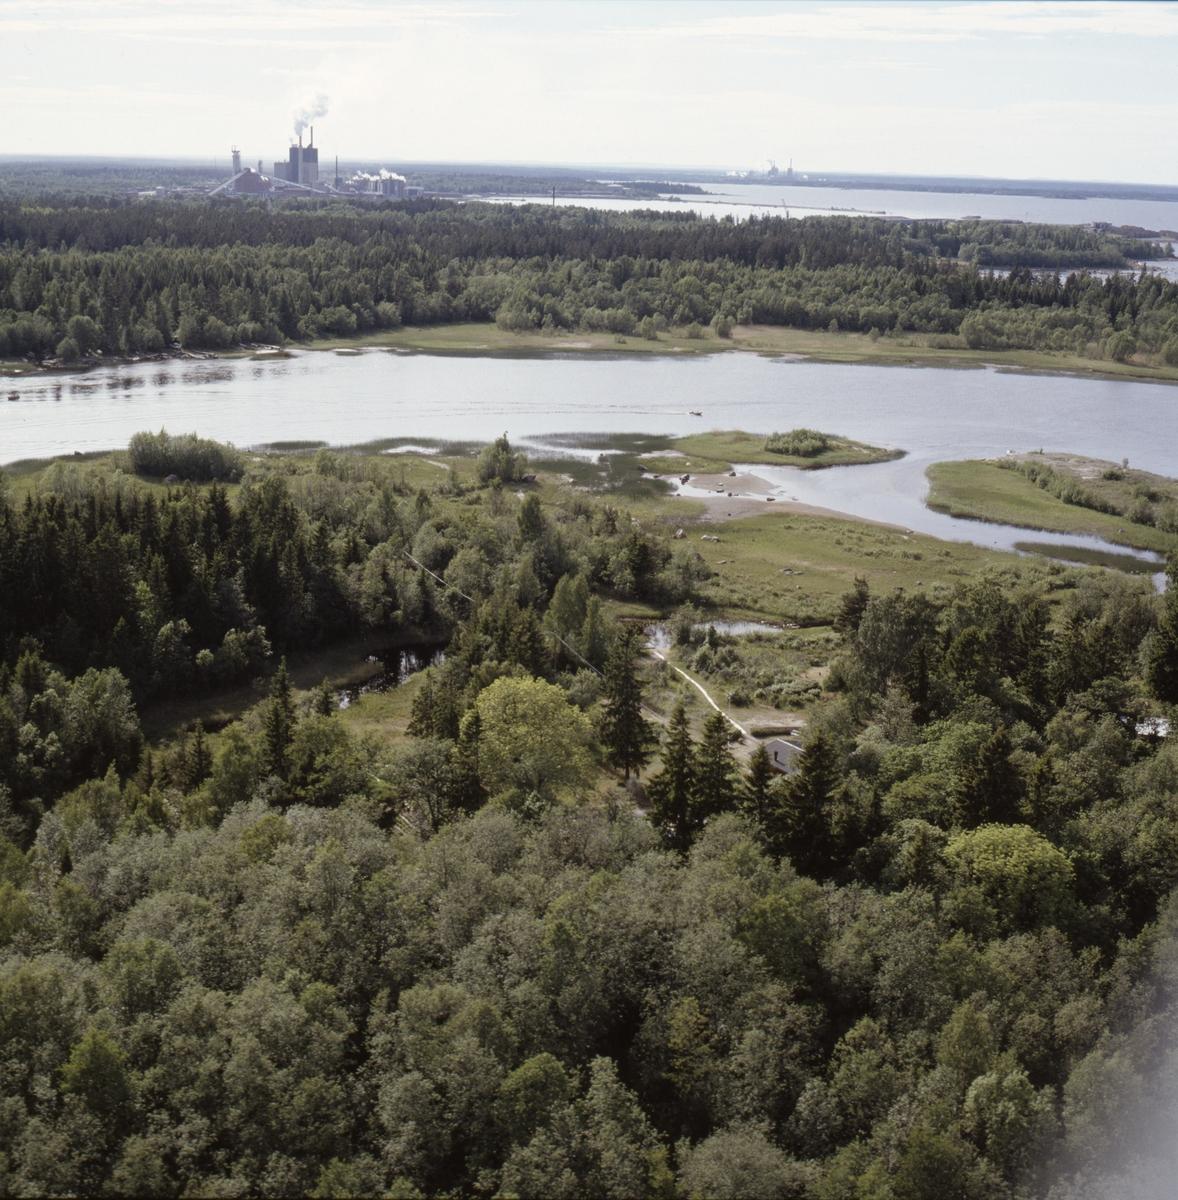 Vy över Dalälvens mynning vid Skutskär, Älvkarleby socken, Uppland, juni 1989